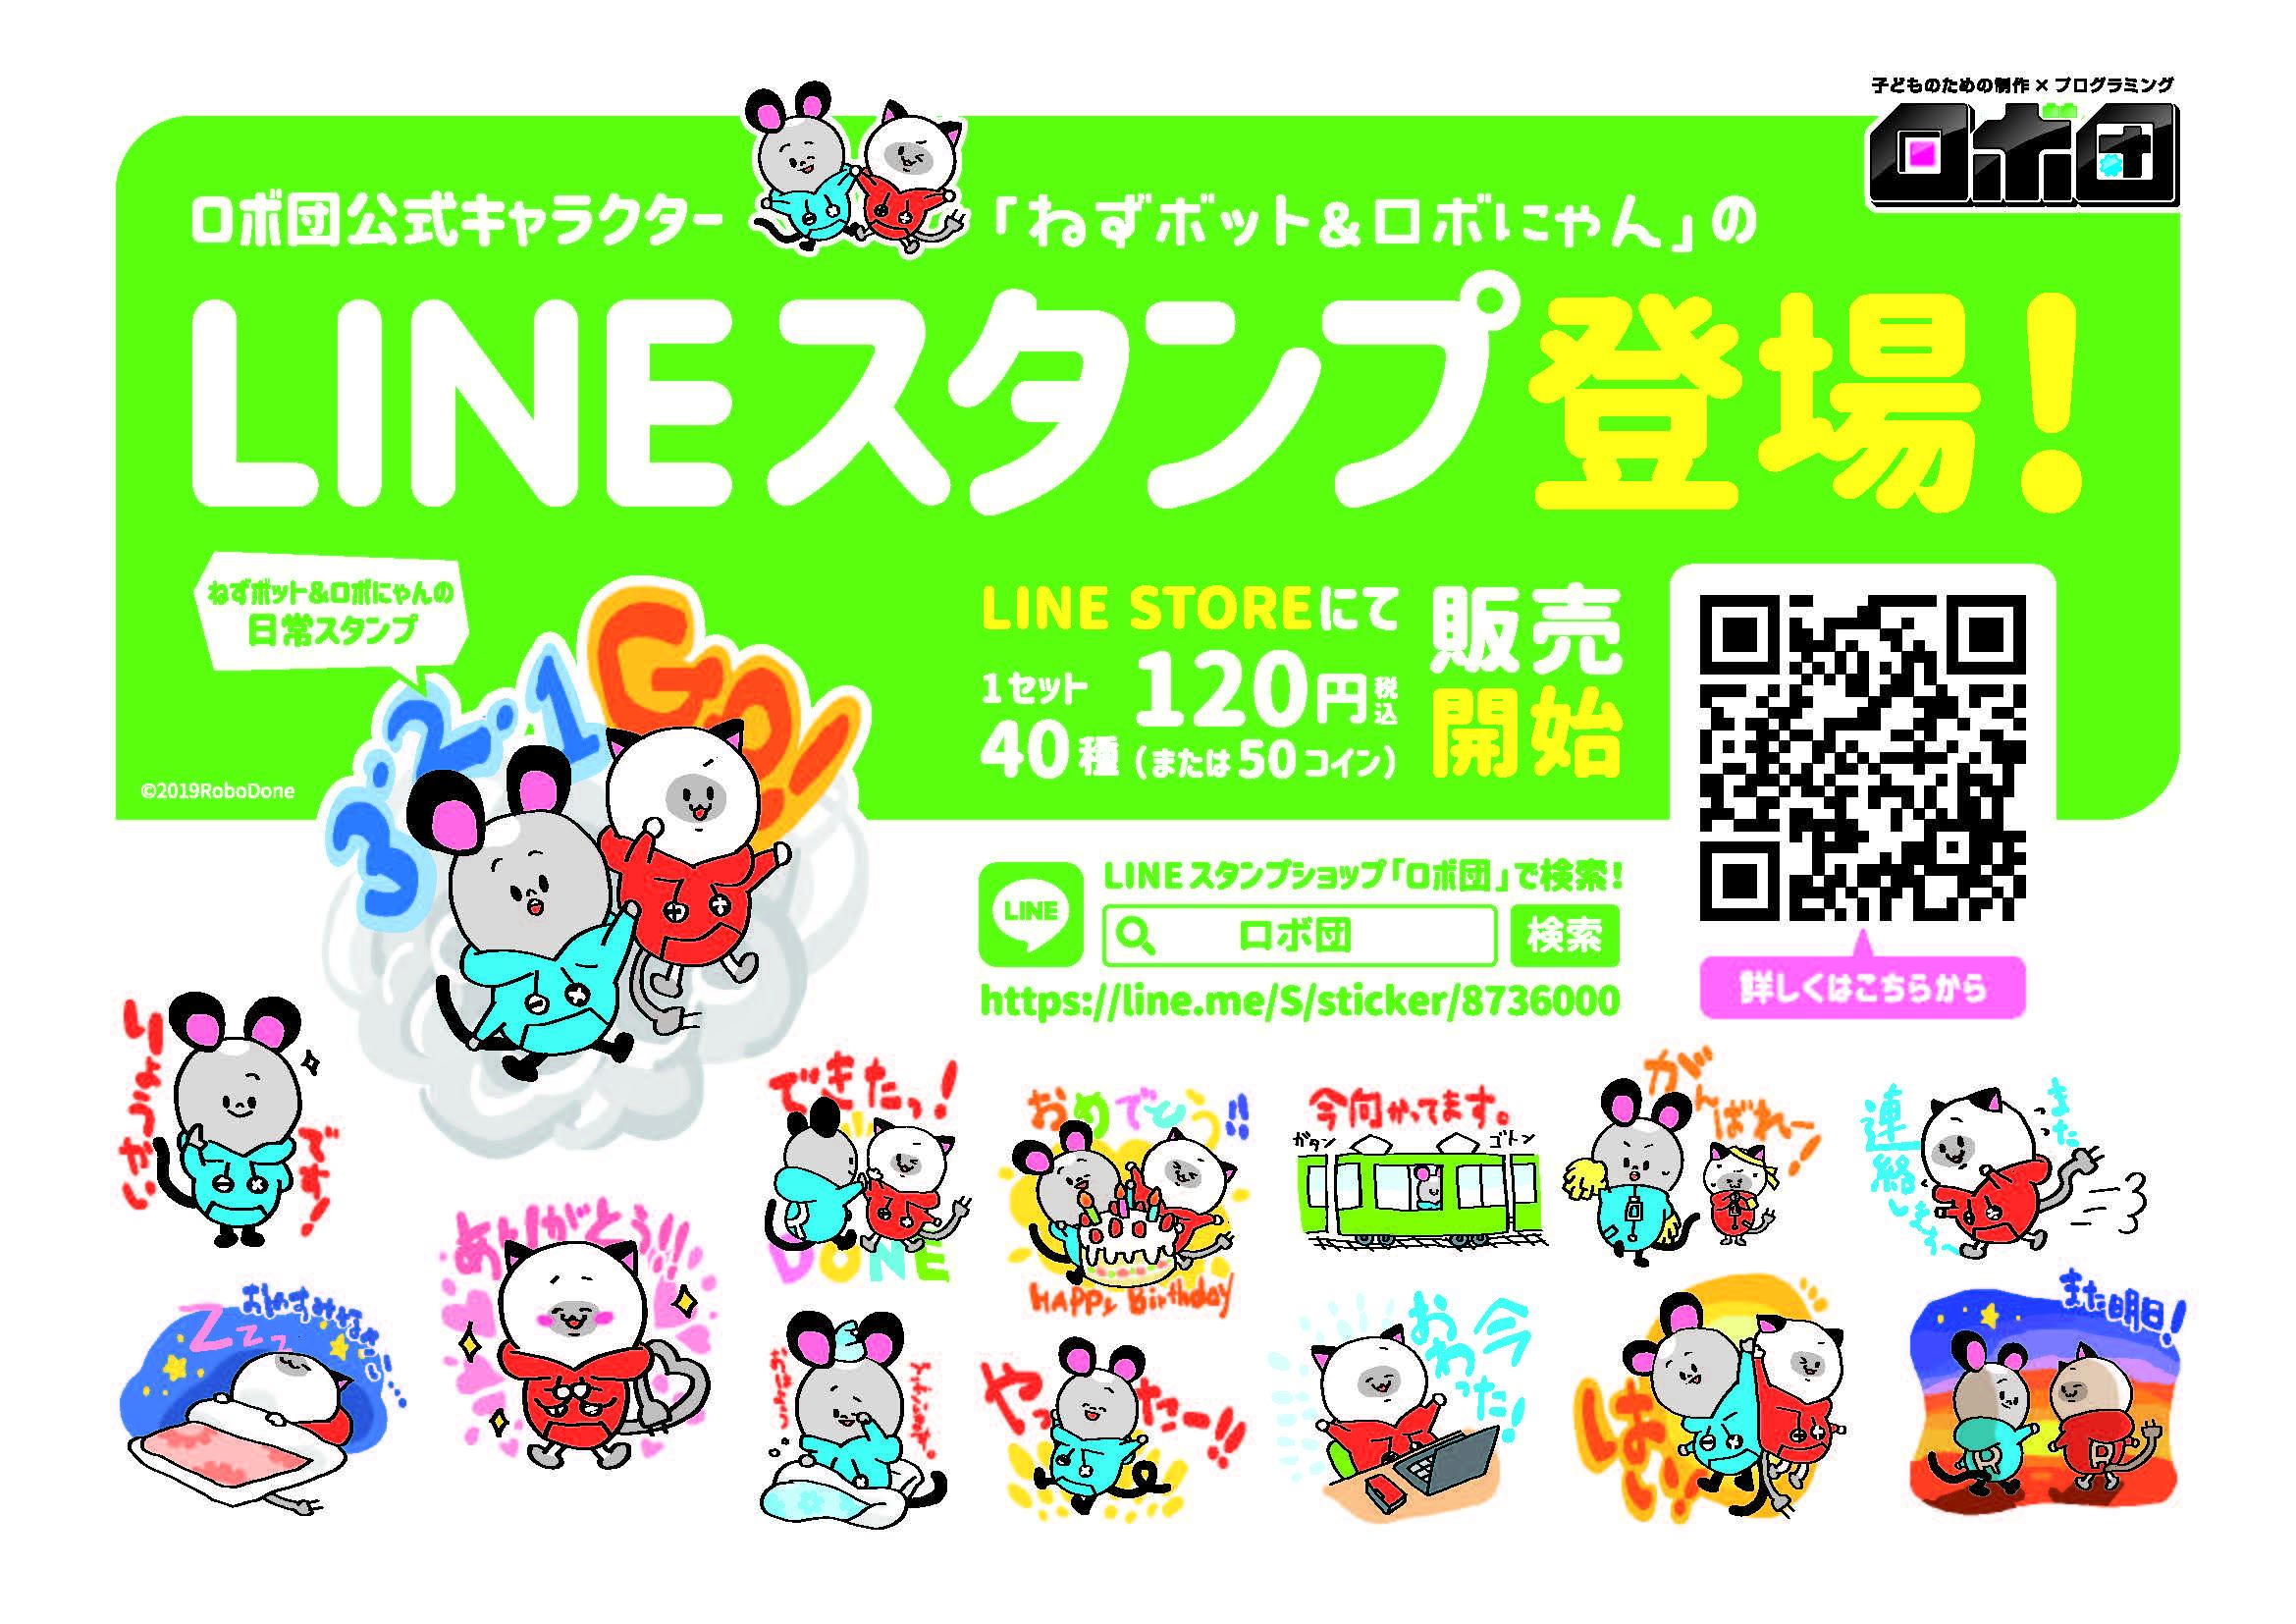 ロボ団公式キャラクターのLINEスタンプ登場!